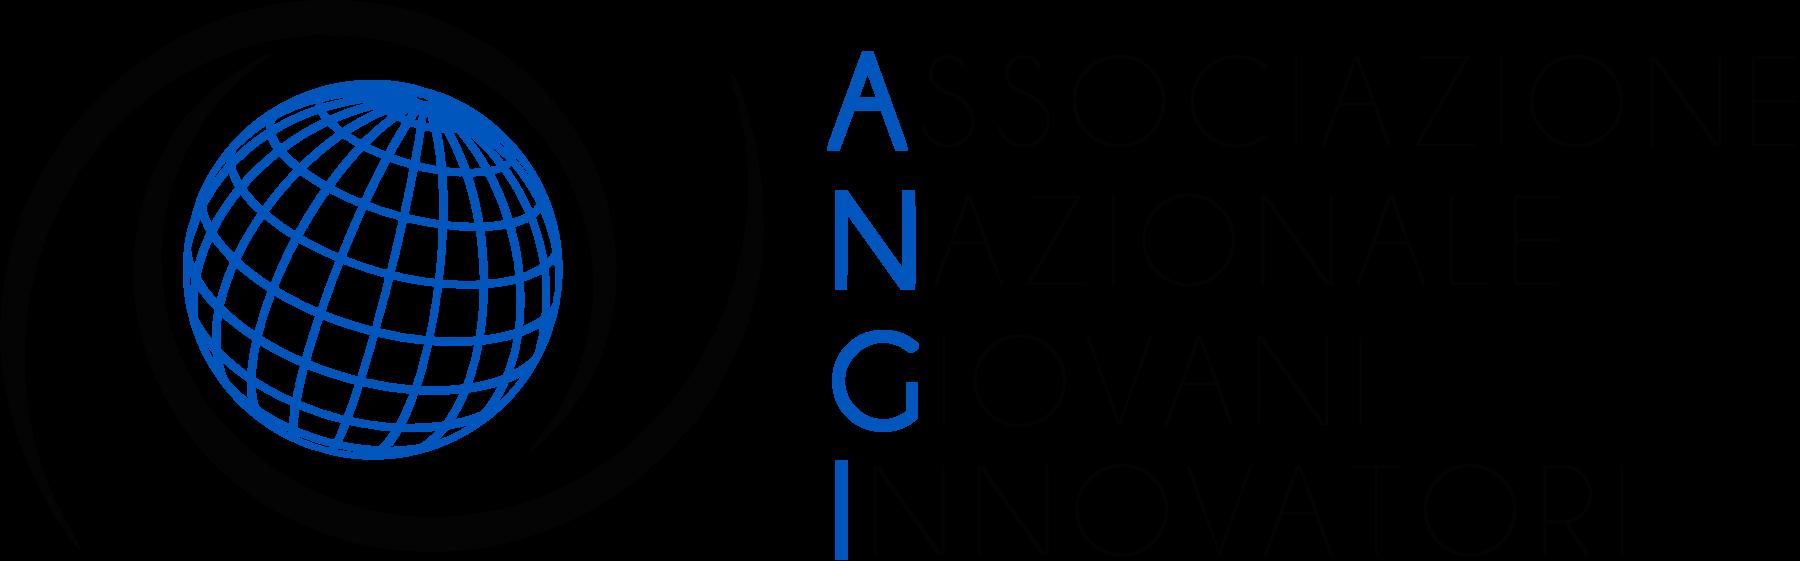 Associazione Nazionale Giovani Innovatori